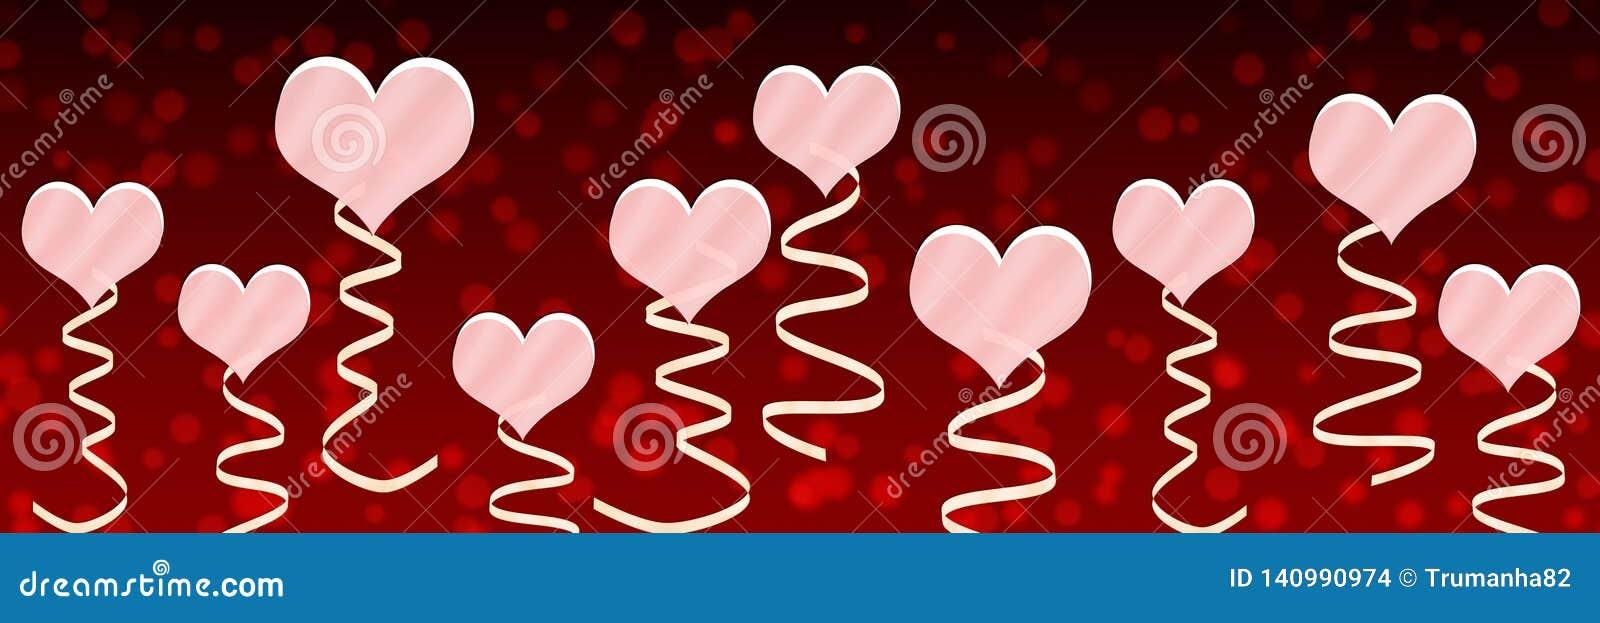 桃红色心脏和丝带在红色背景中